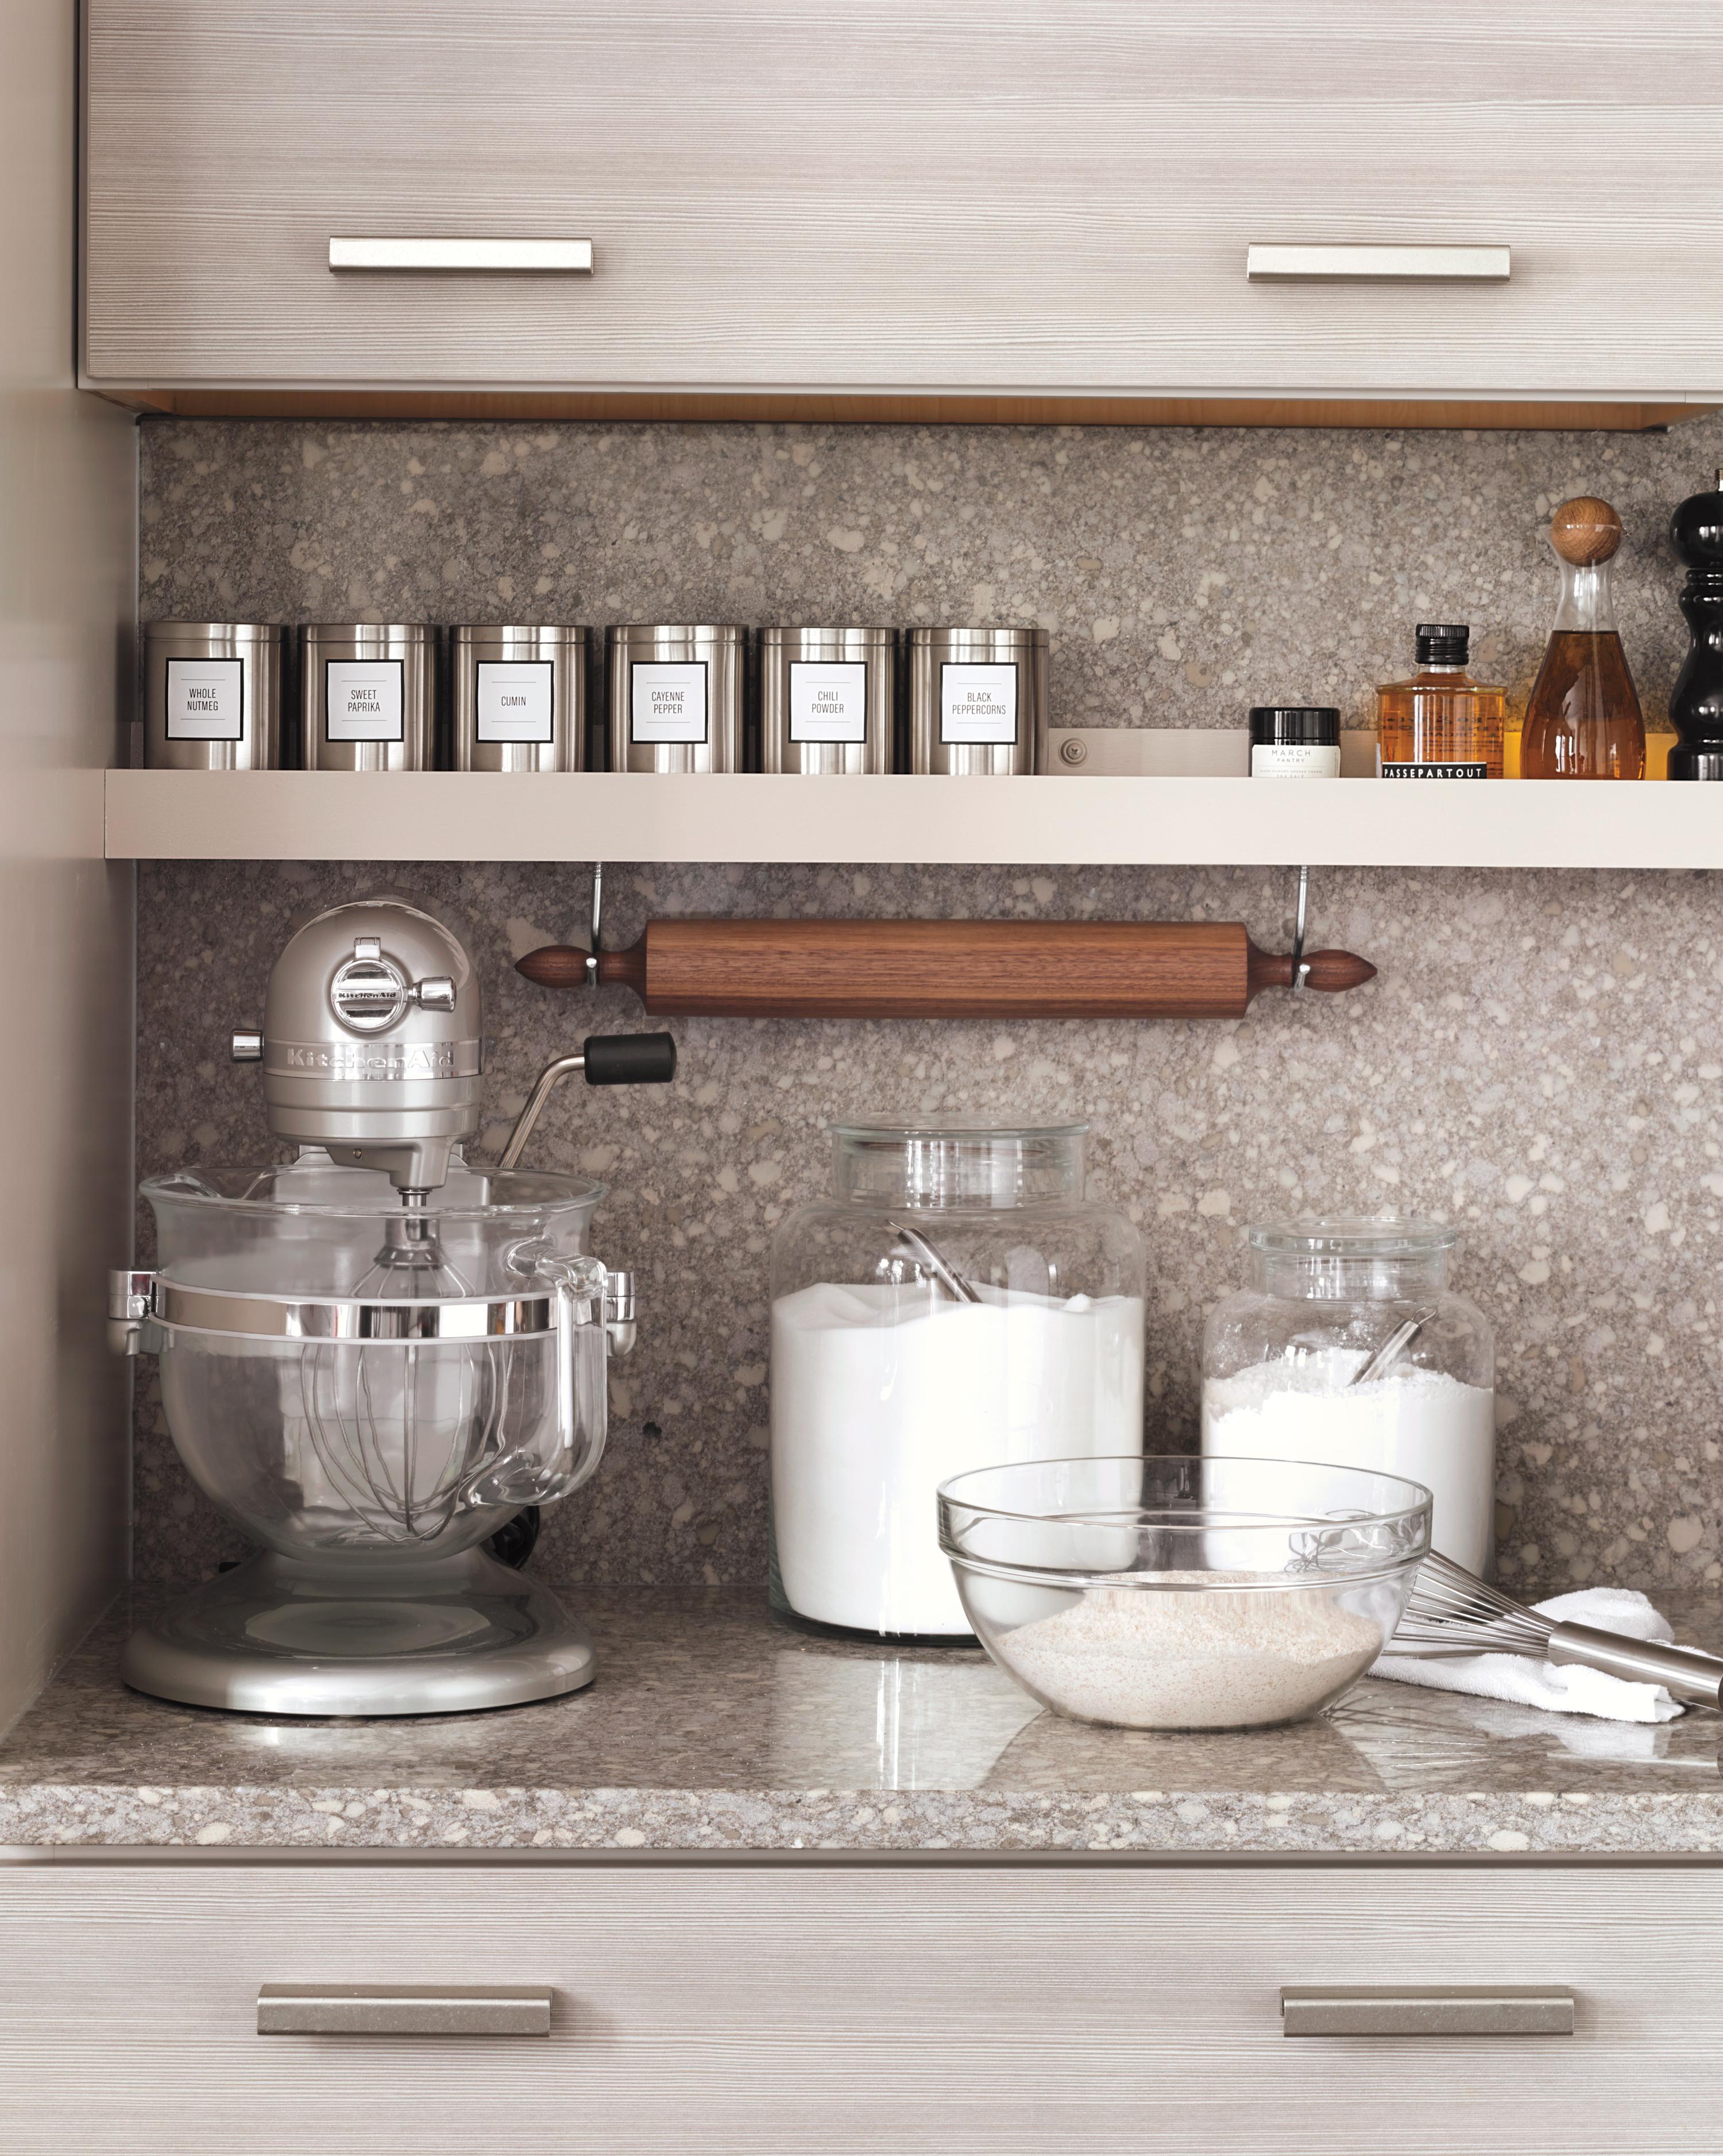 kitchen-baking-station-013-d111408.jpg